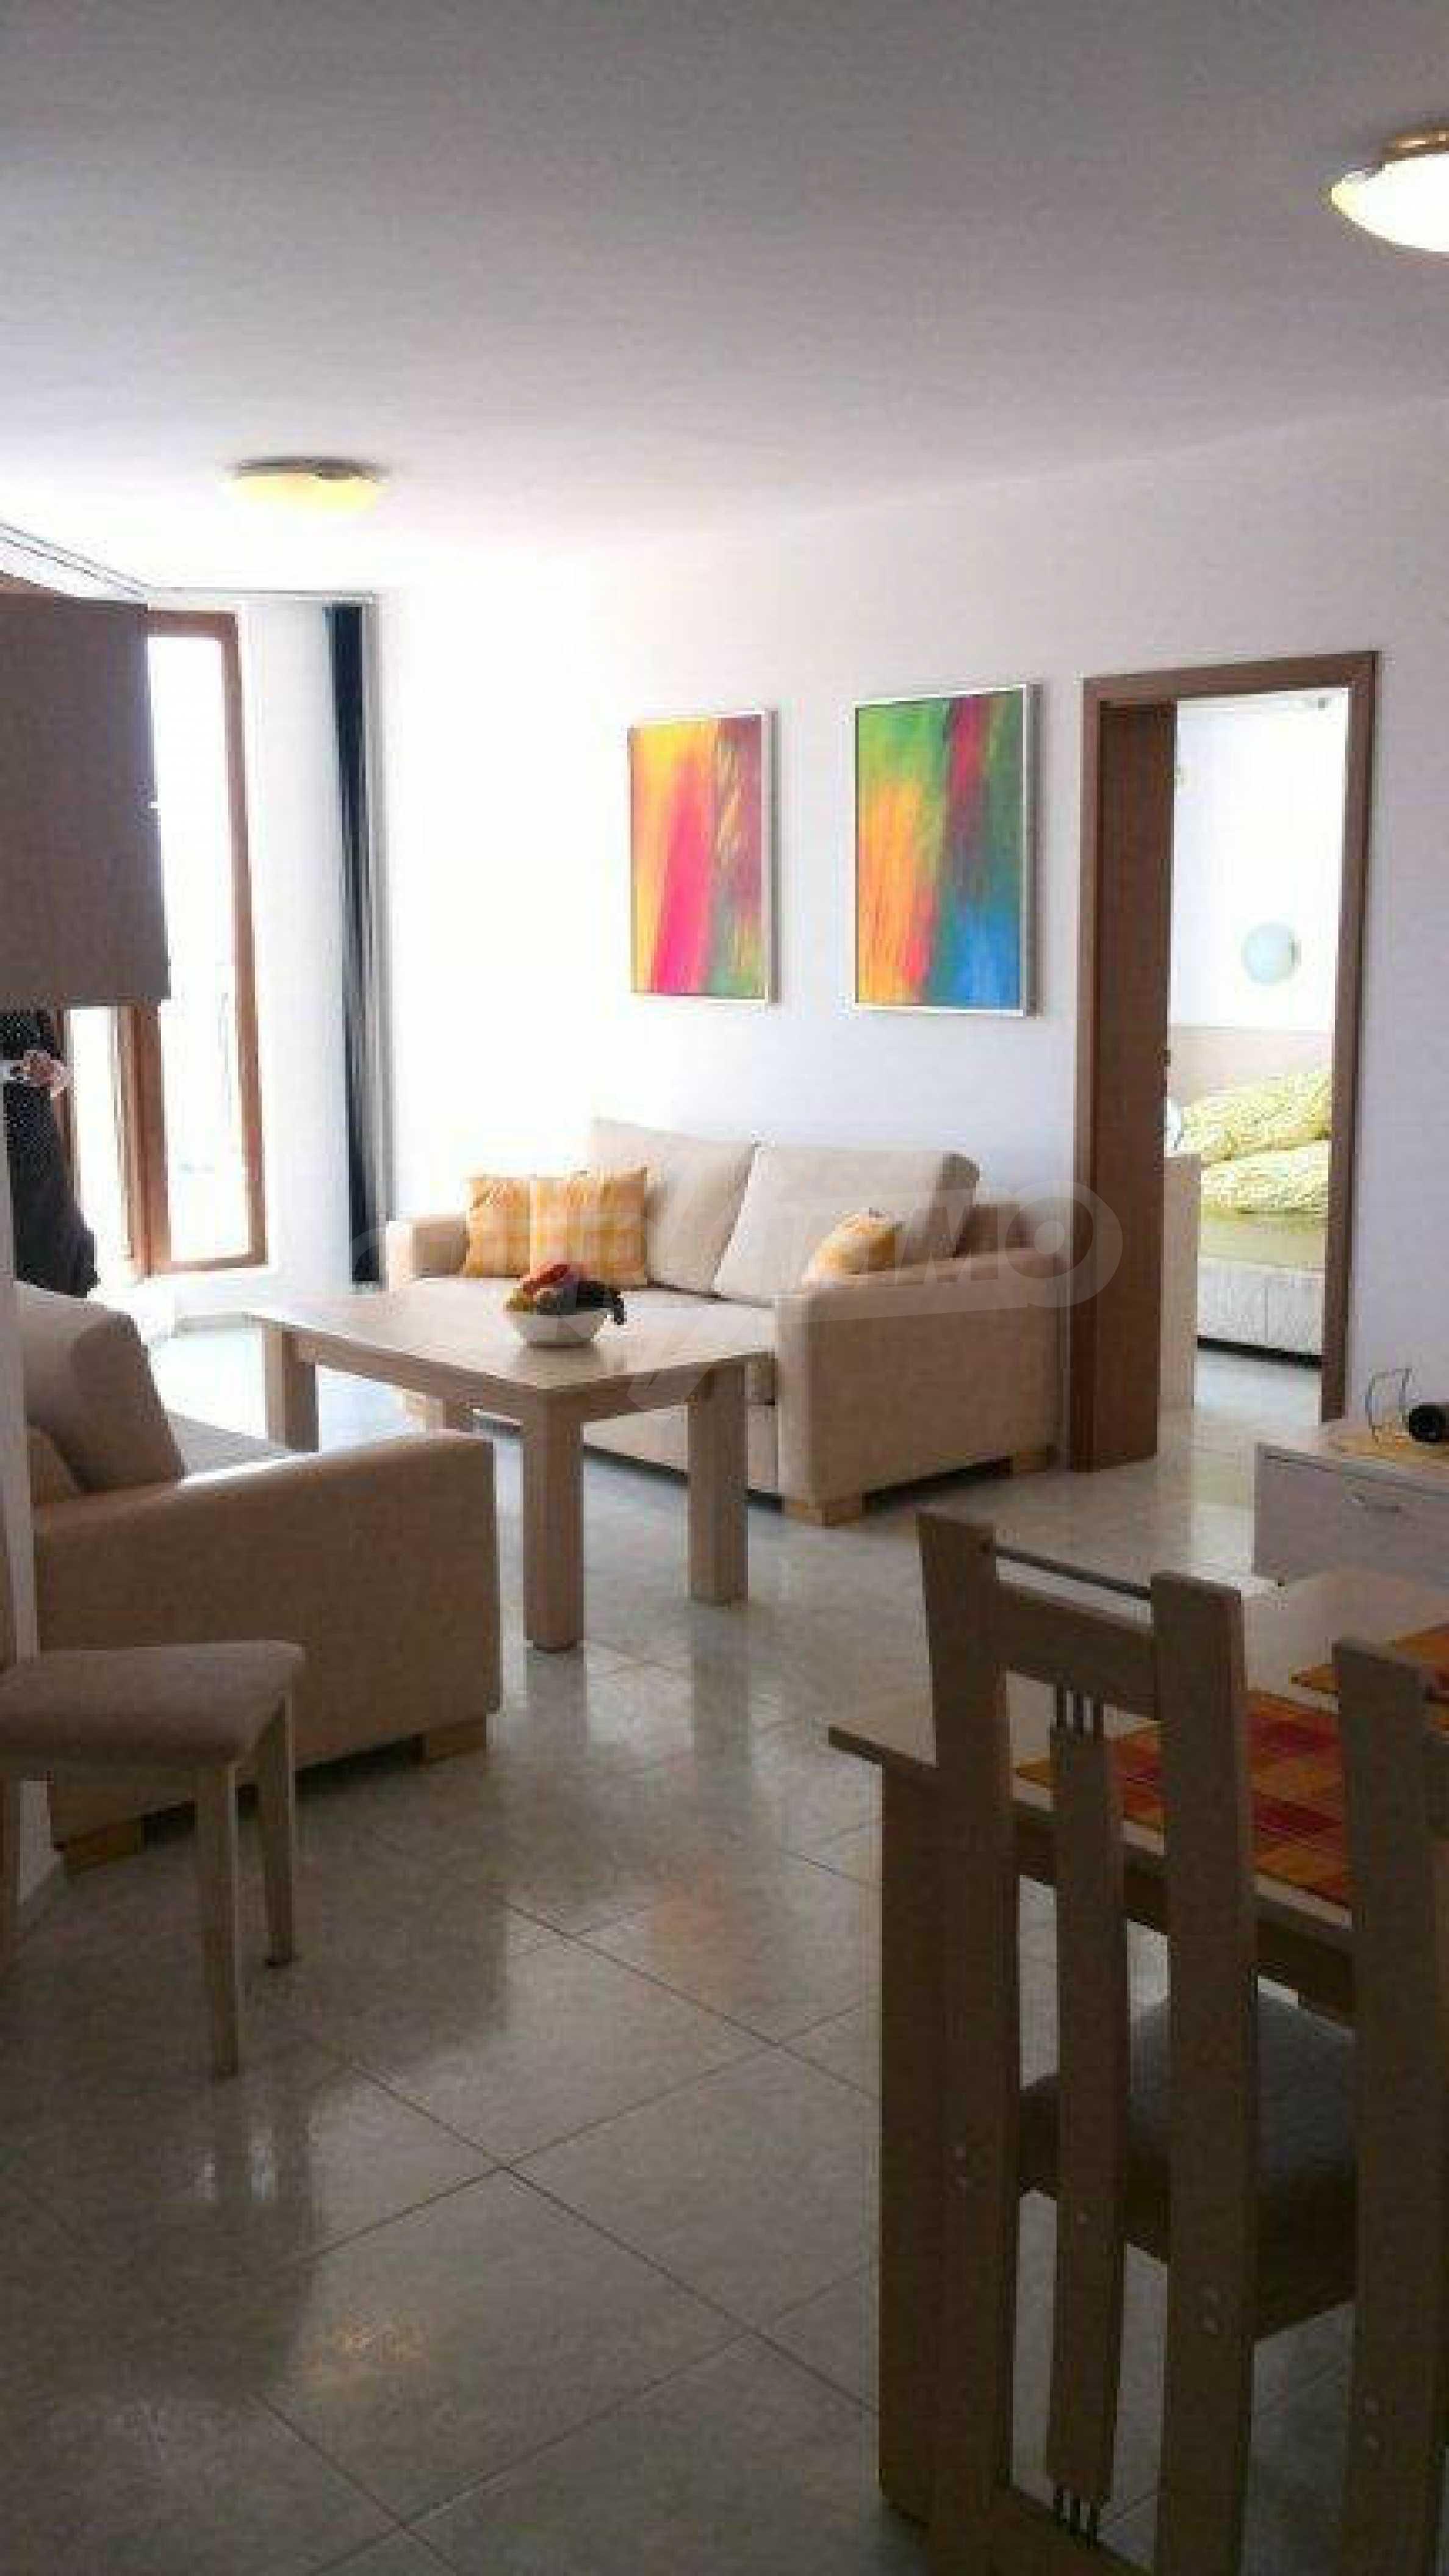 Luxus-Apartment mit zwei Schlafzimmern im Komplex Prestige City 2 in Primorsko 4